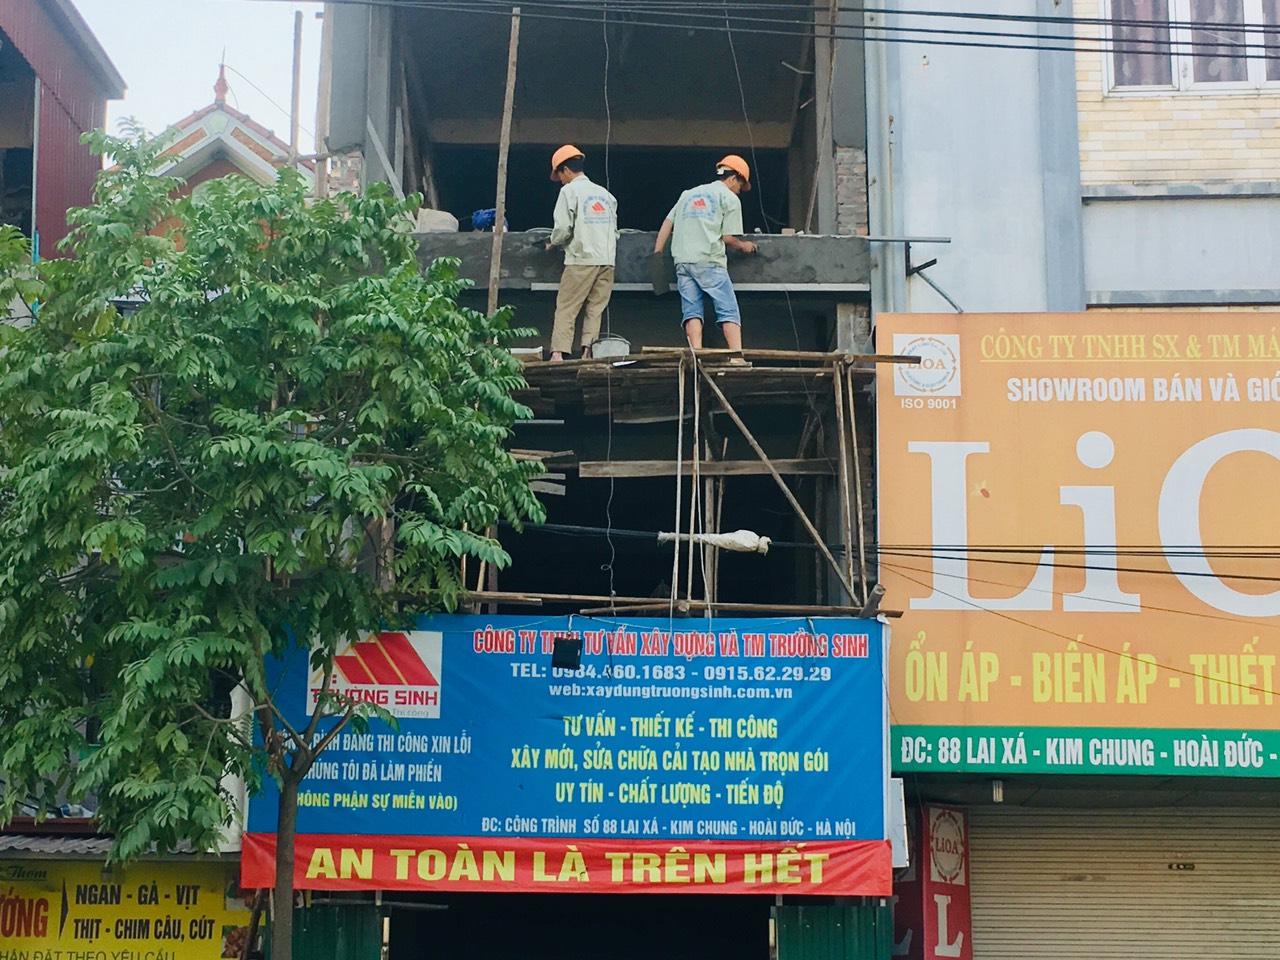 Bảng báo giá sửa chữa cải tạo nhà hà nội 2018